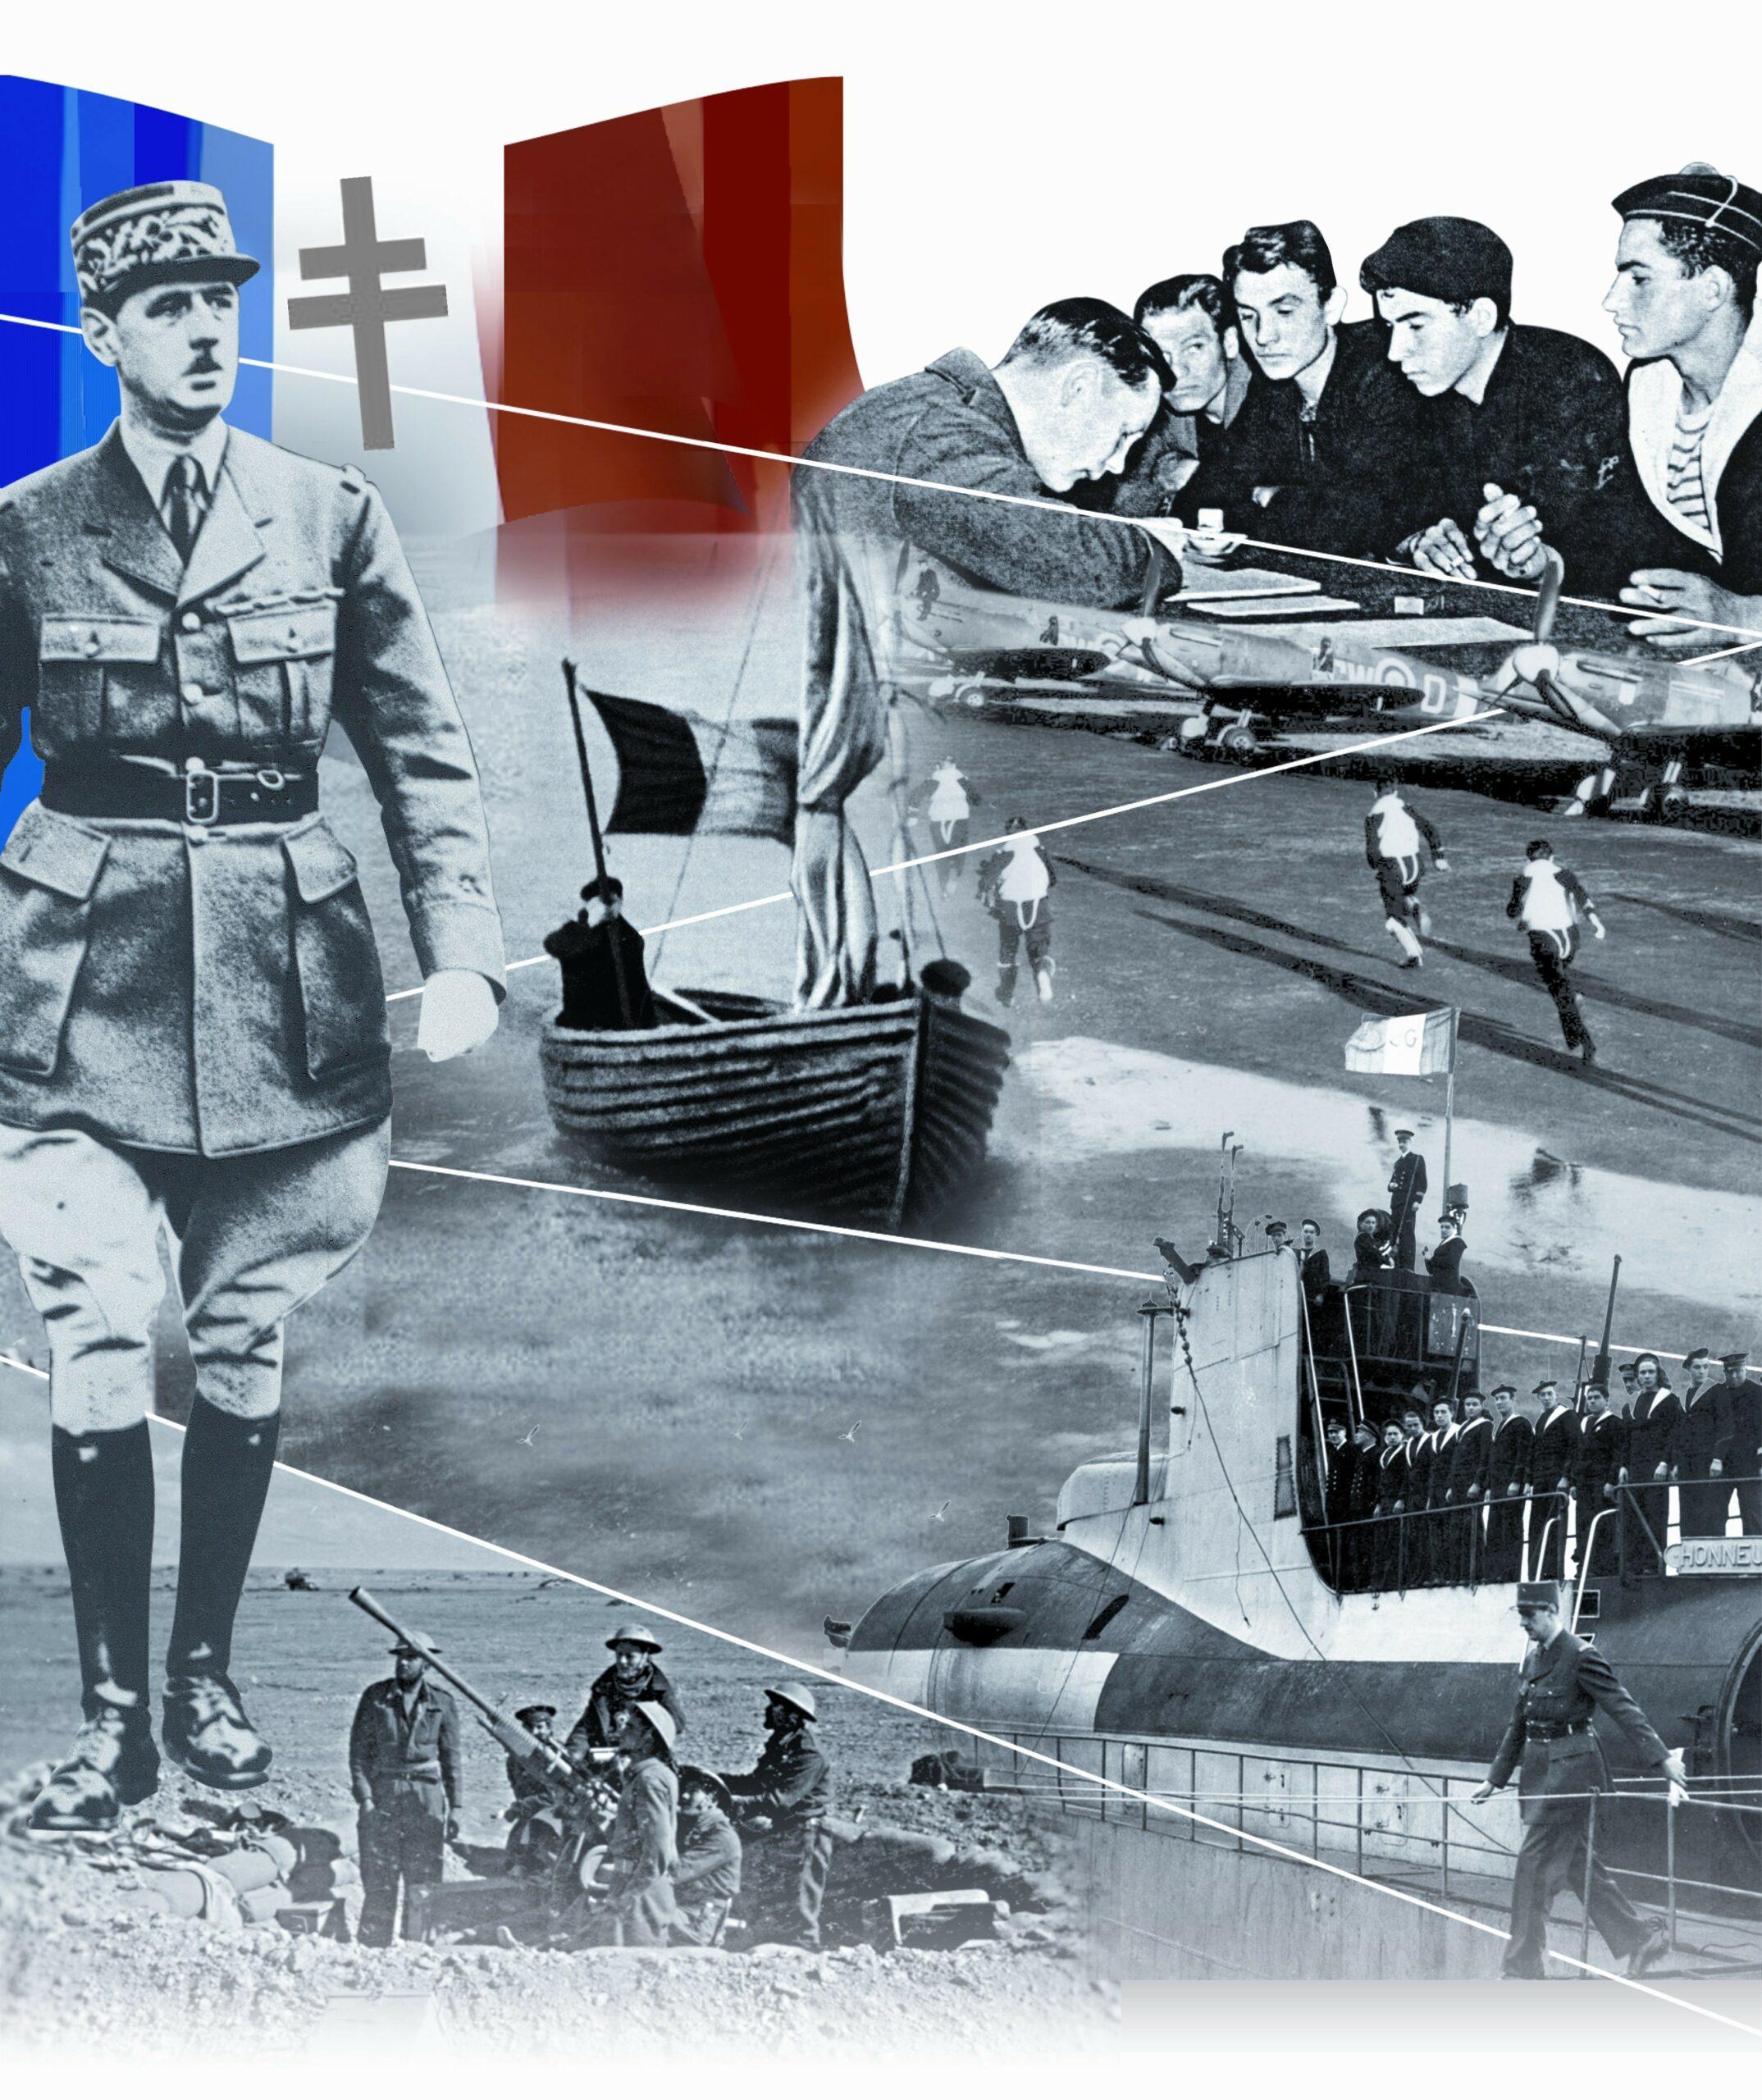 La Fondation de la France Libre, pourquoi?